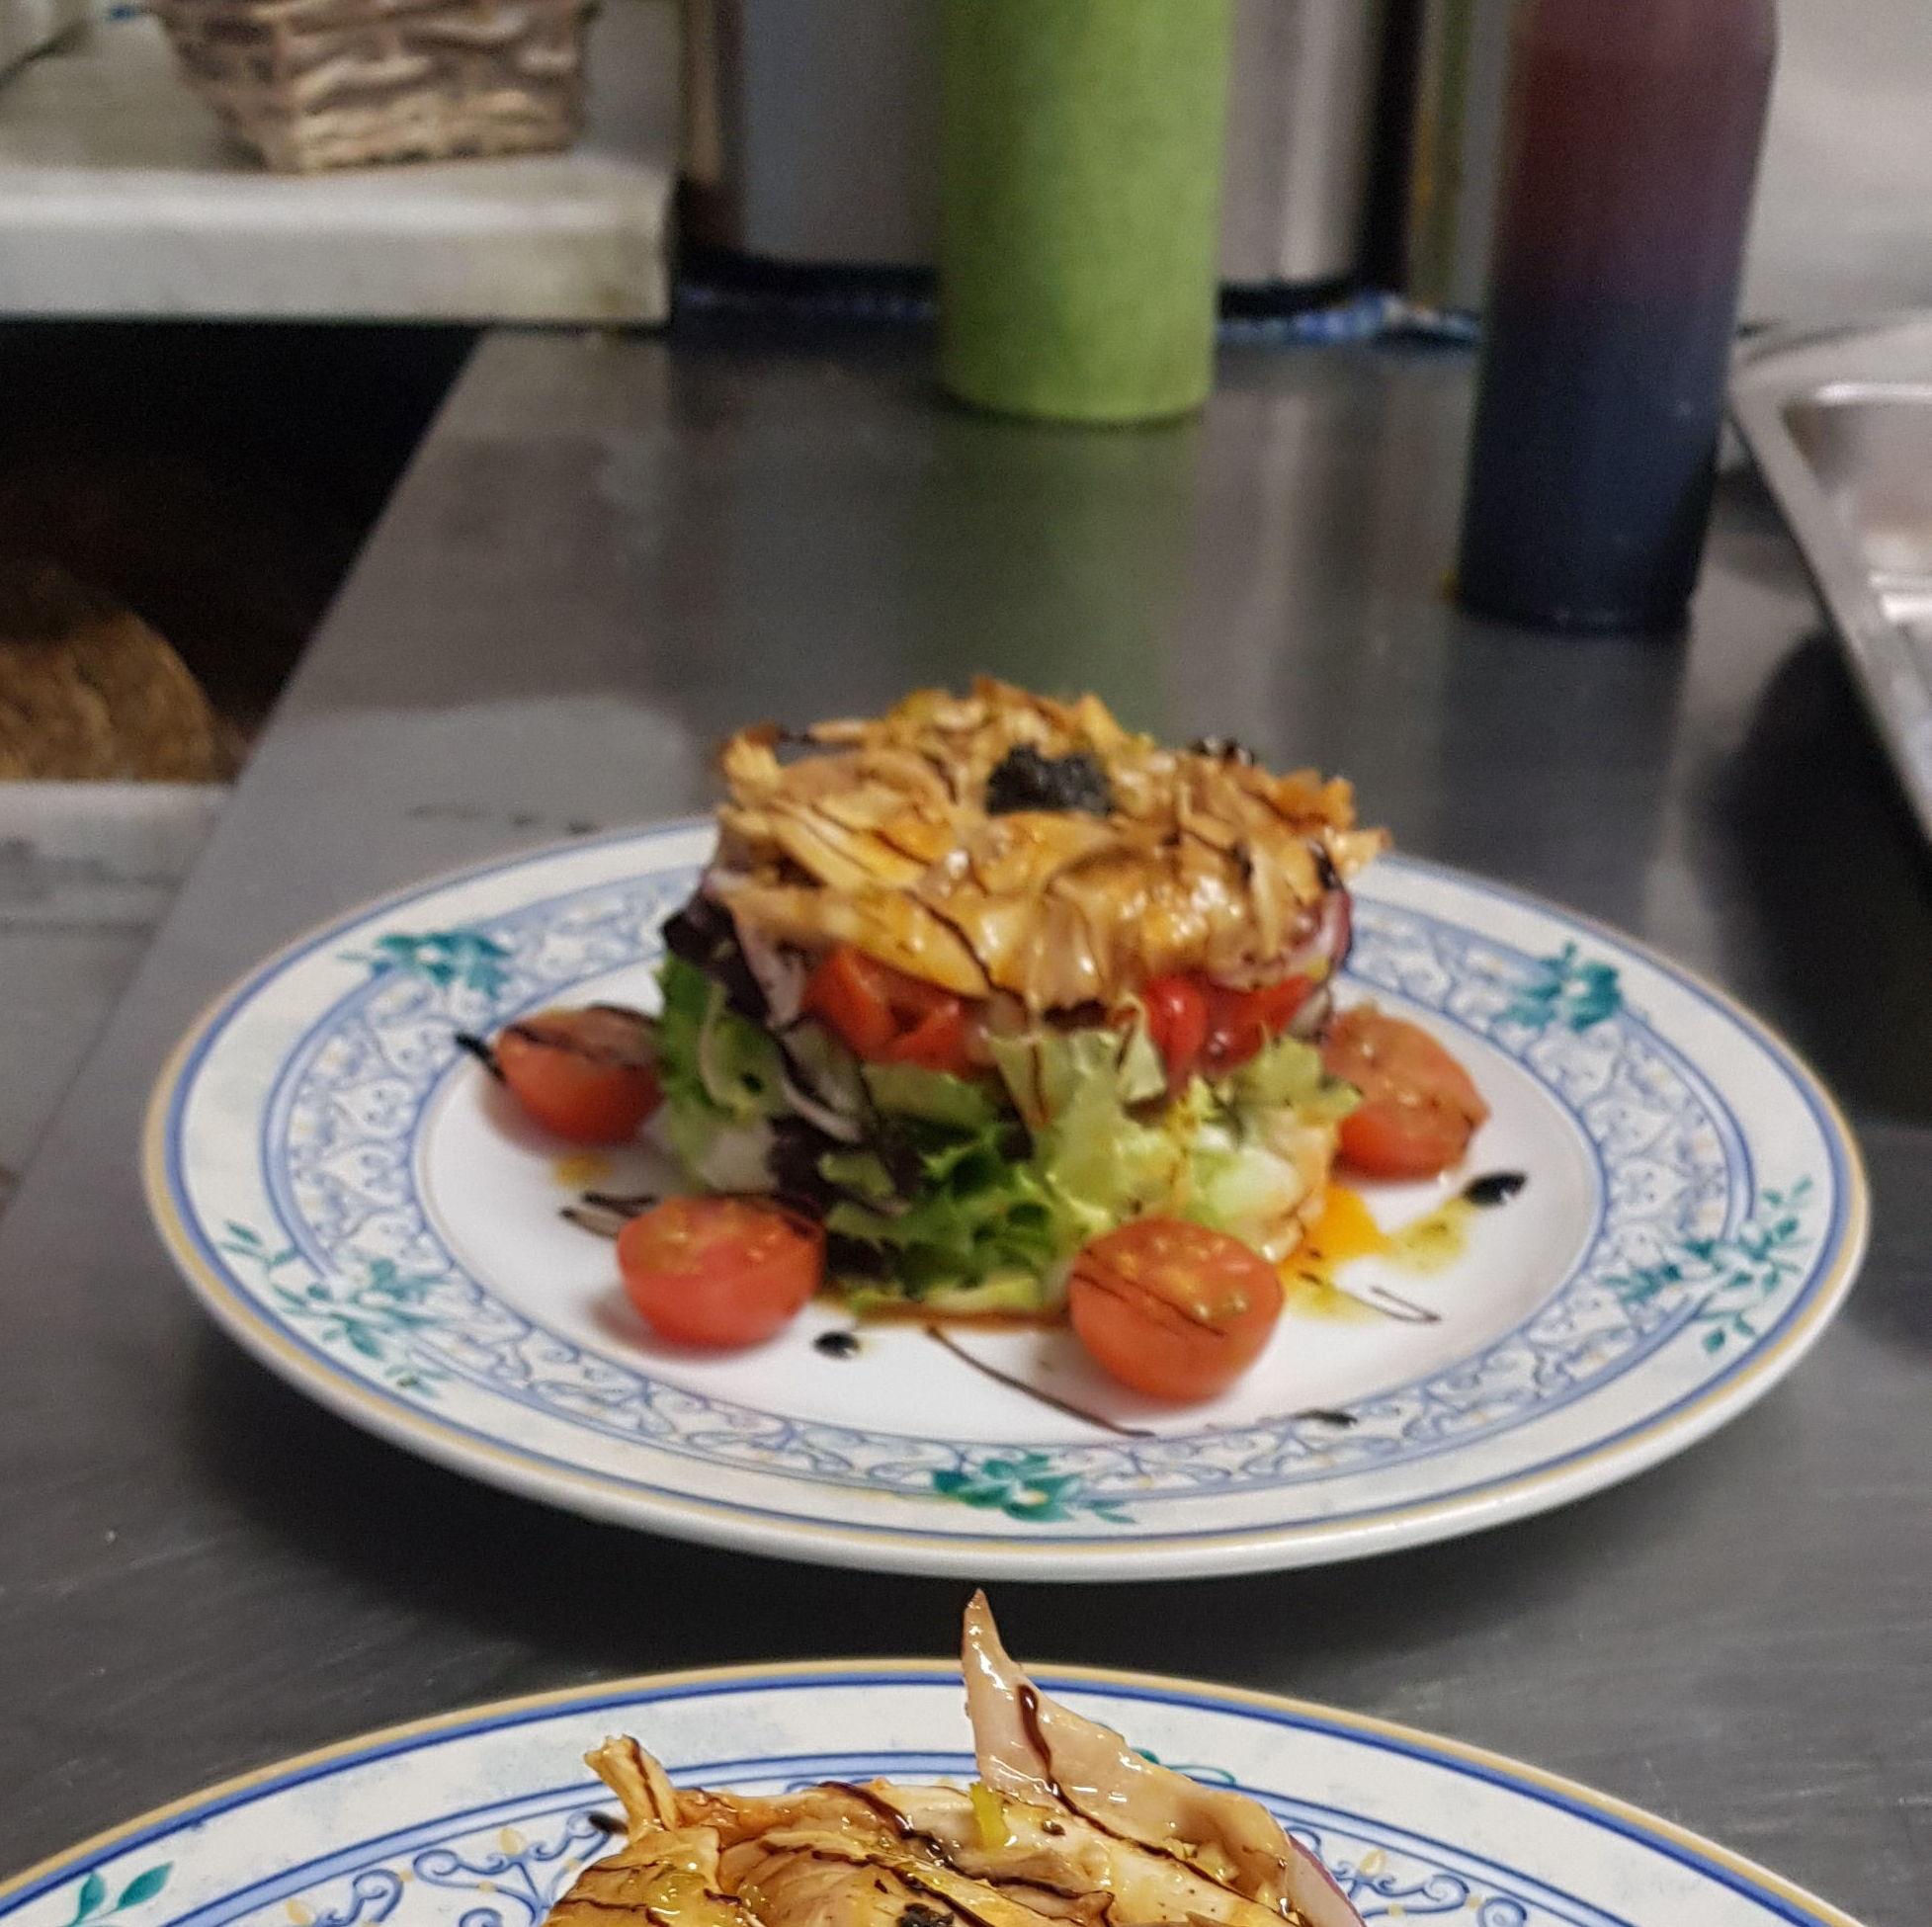 Foto 27 de Restaurante en Alcalá de Henares | Restaurante Skrei Noruego